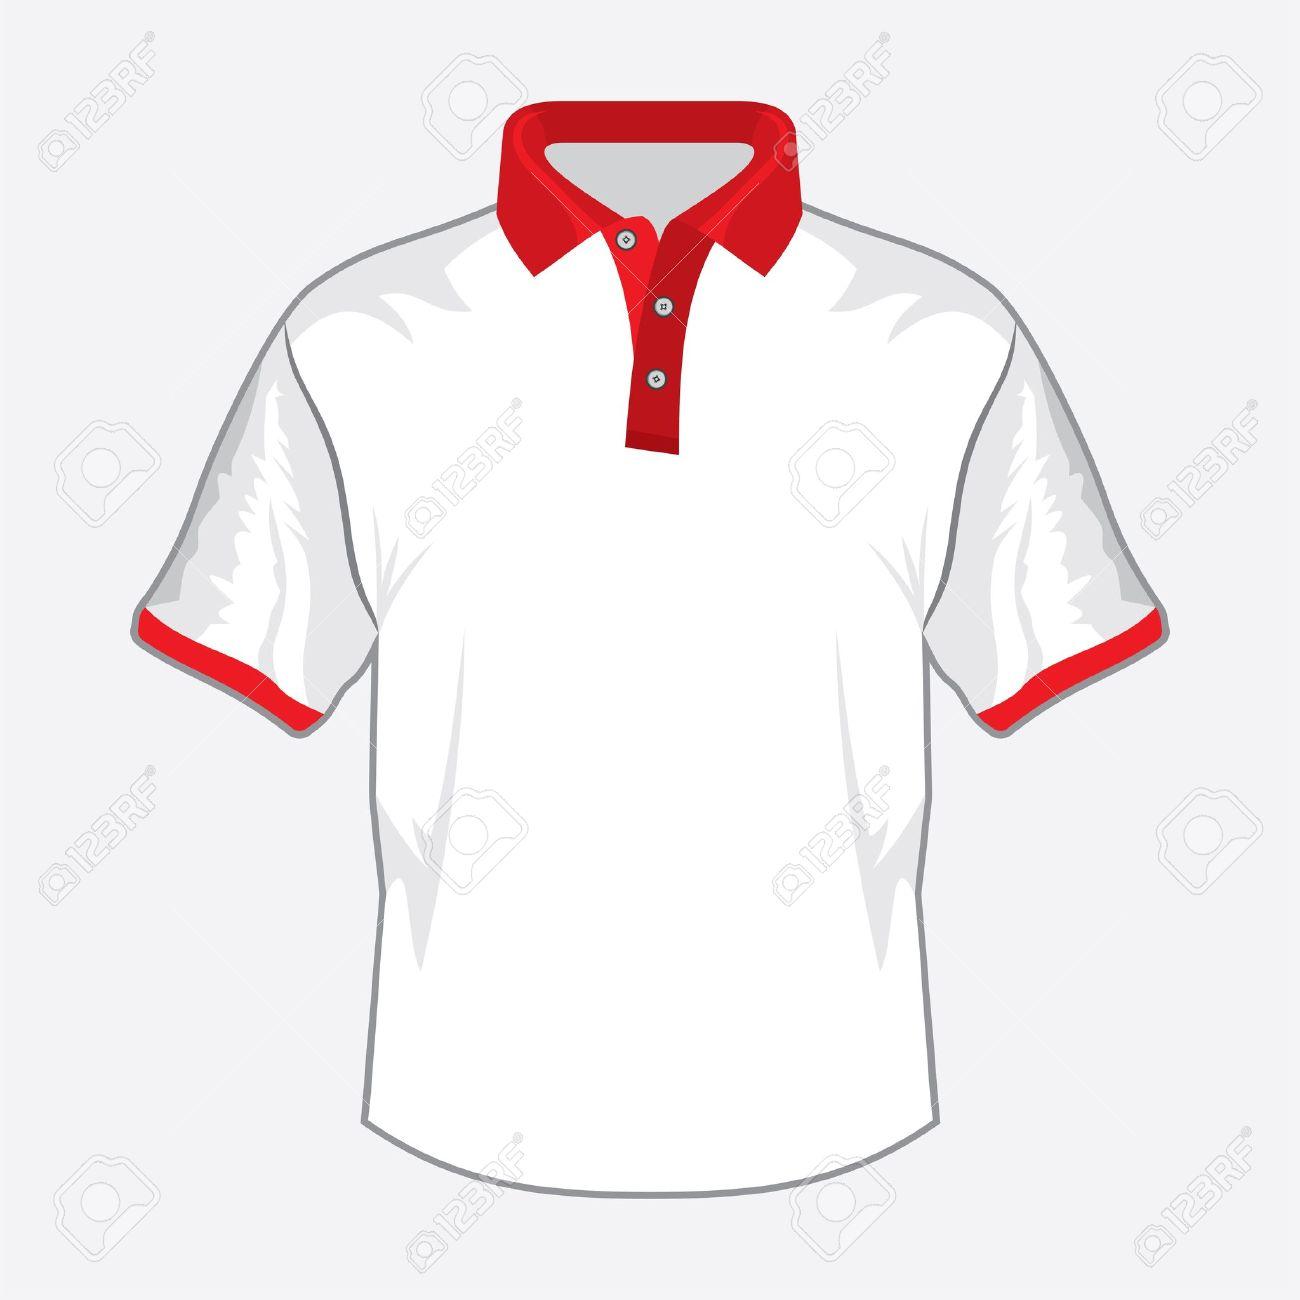 Shirt design with collar - Vector White Polo Shirt Design With Red Collar